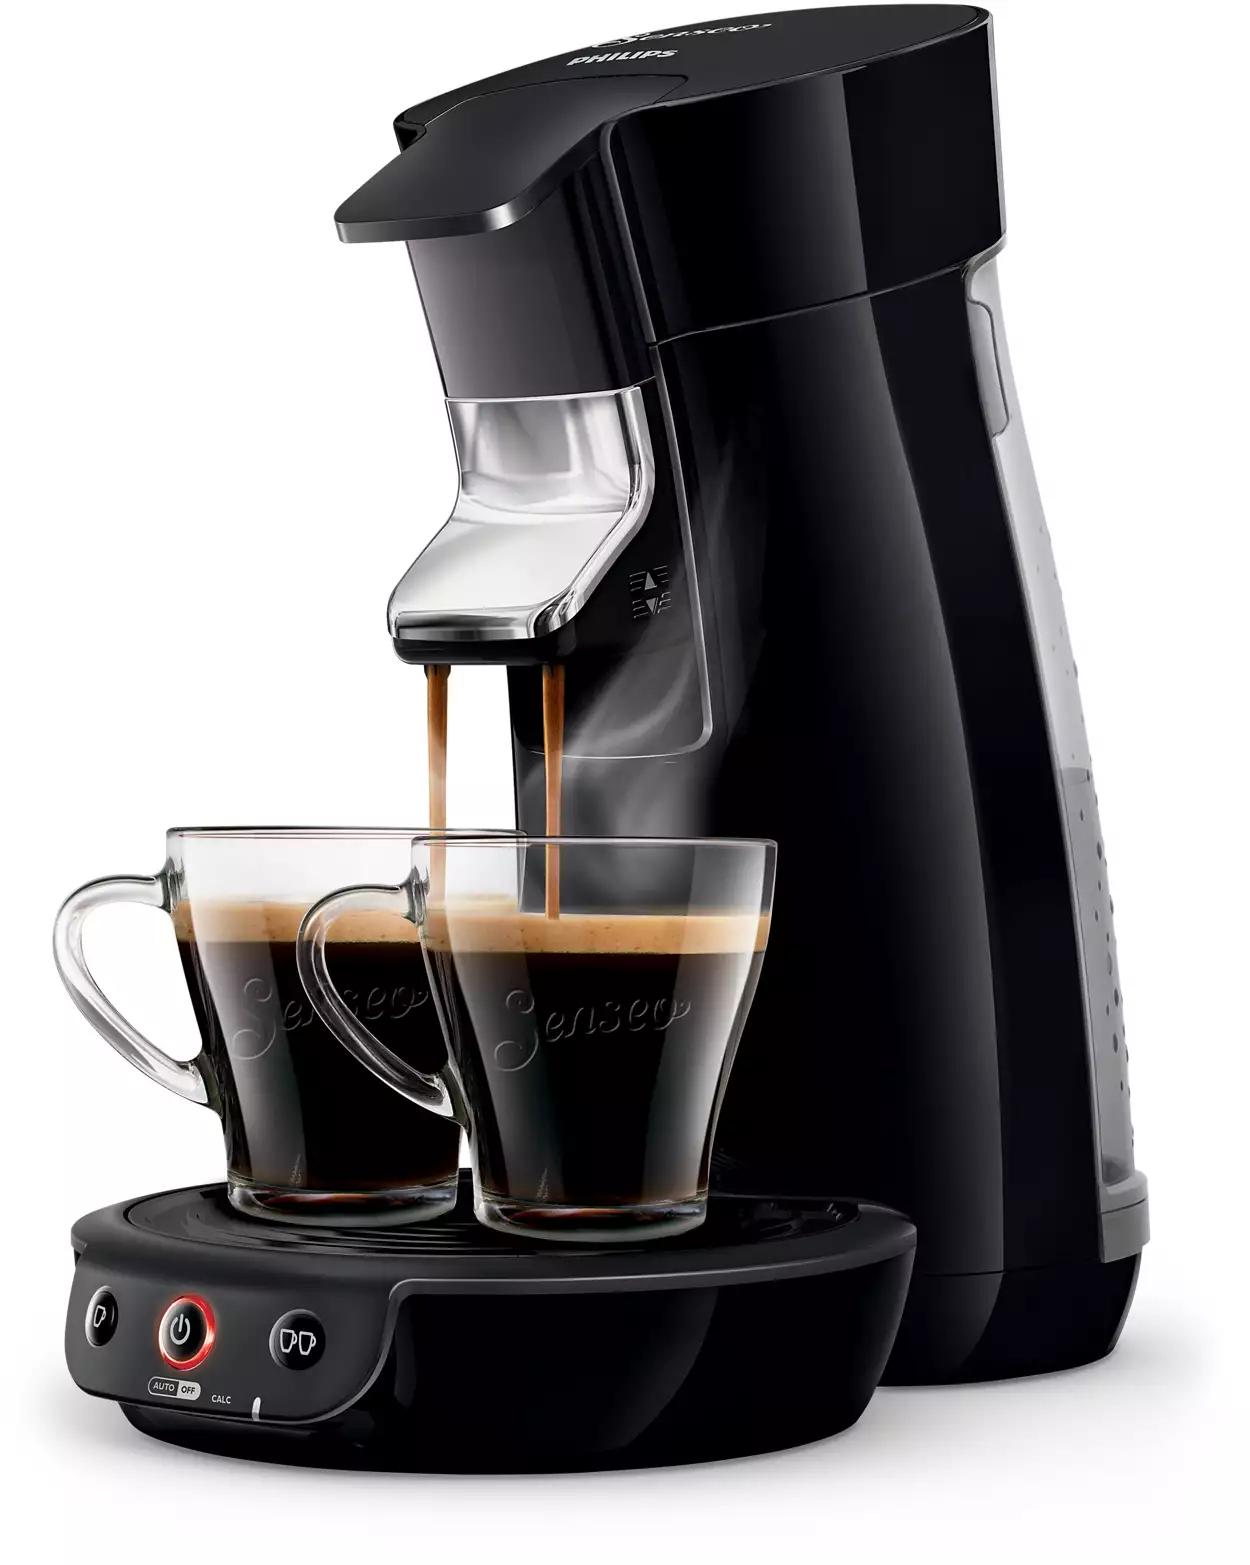 Senseo Kaffeepadmaschine HD6561/68 preiswerter dank Newsletter Gutschein